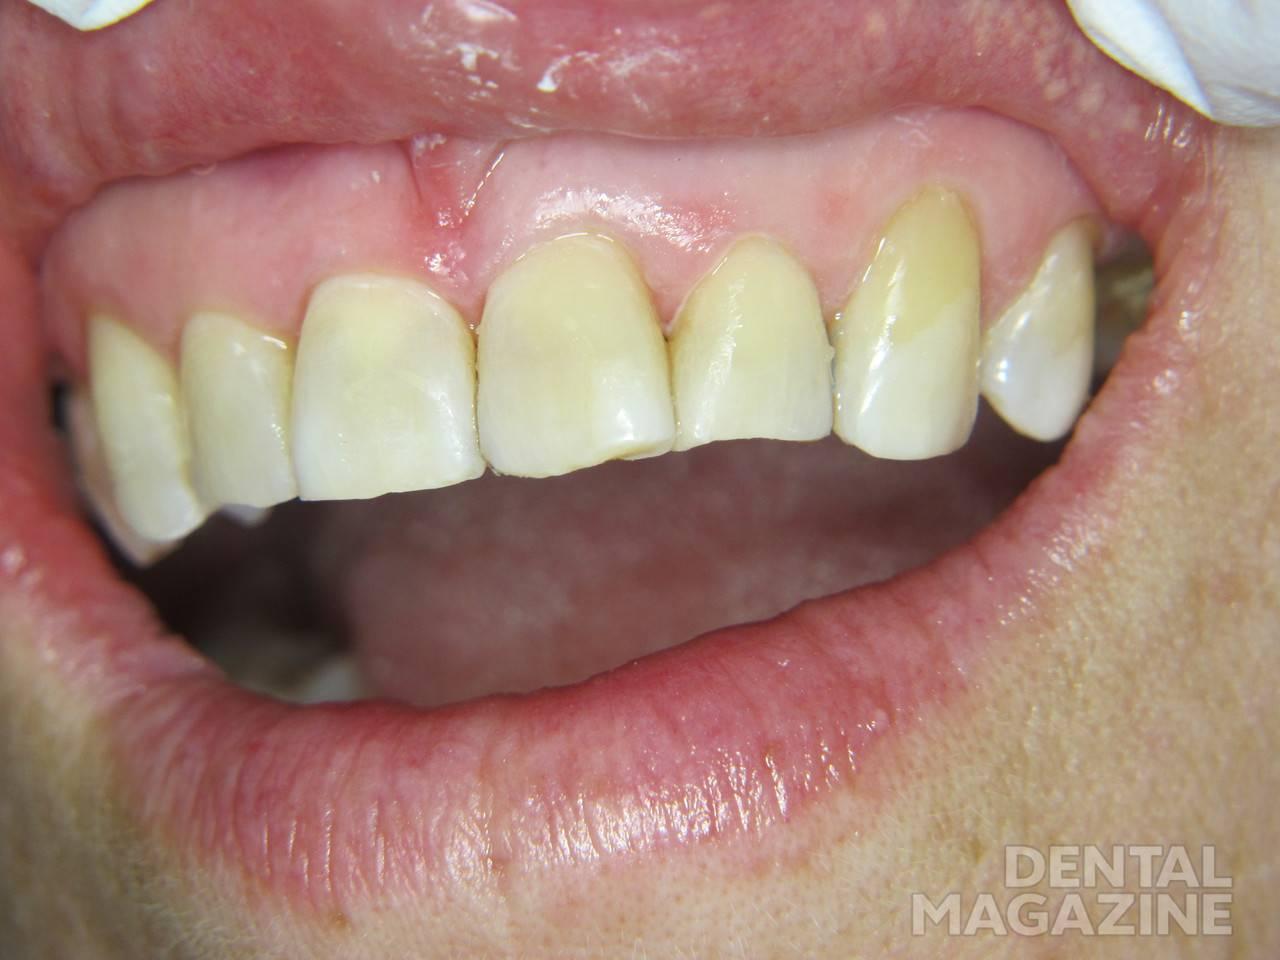 Рис. 6. Окончательный вид зубов 2.1 и 2.2 после реставрации материалом «ГрандиоСО Хеви Флоу».